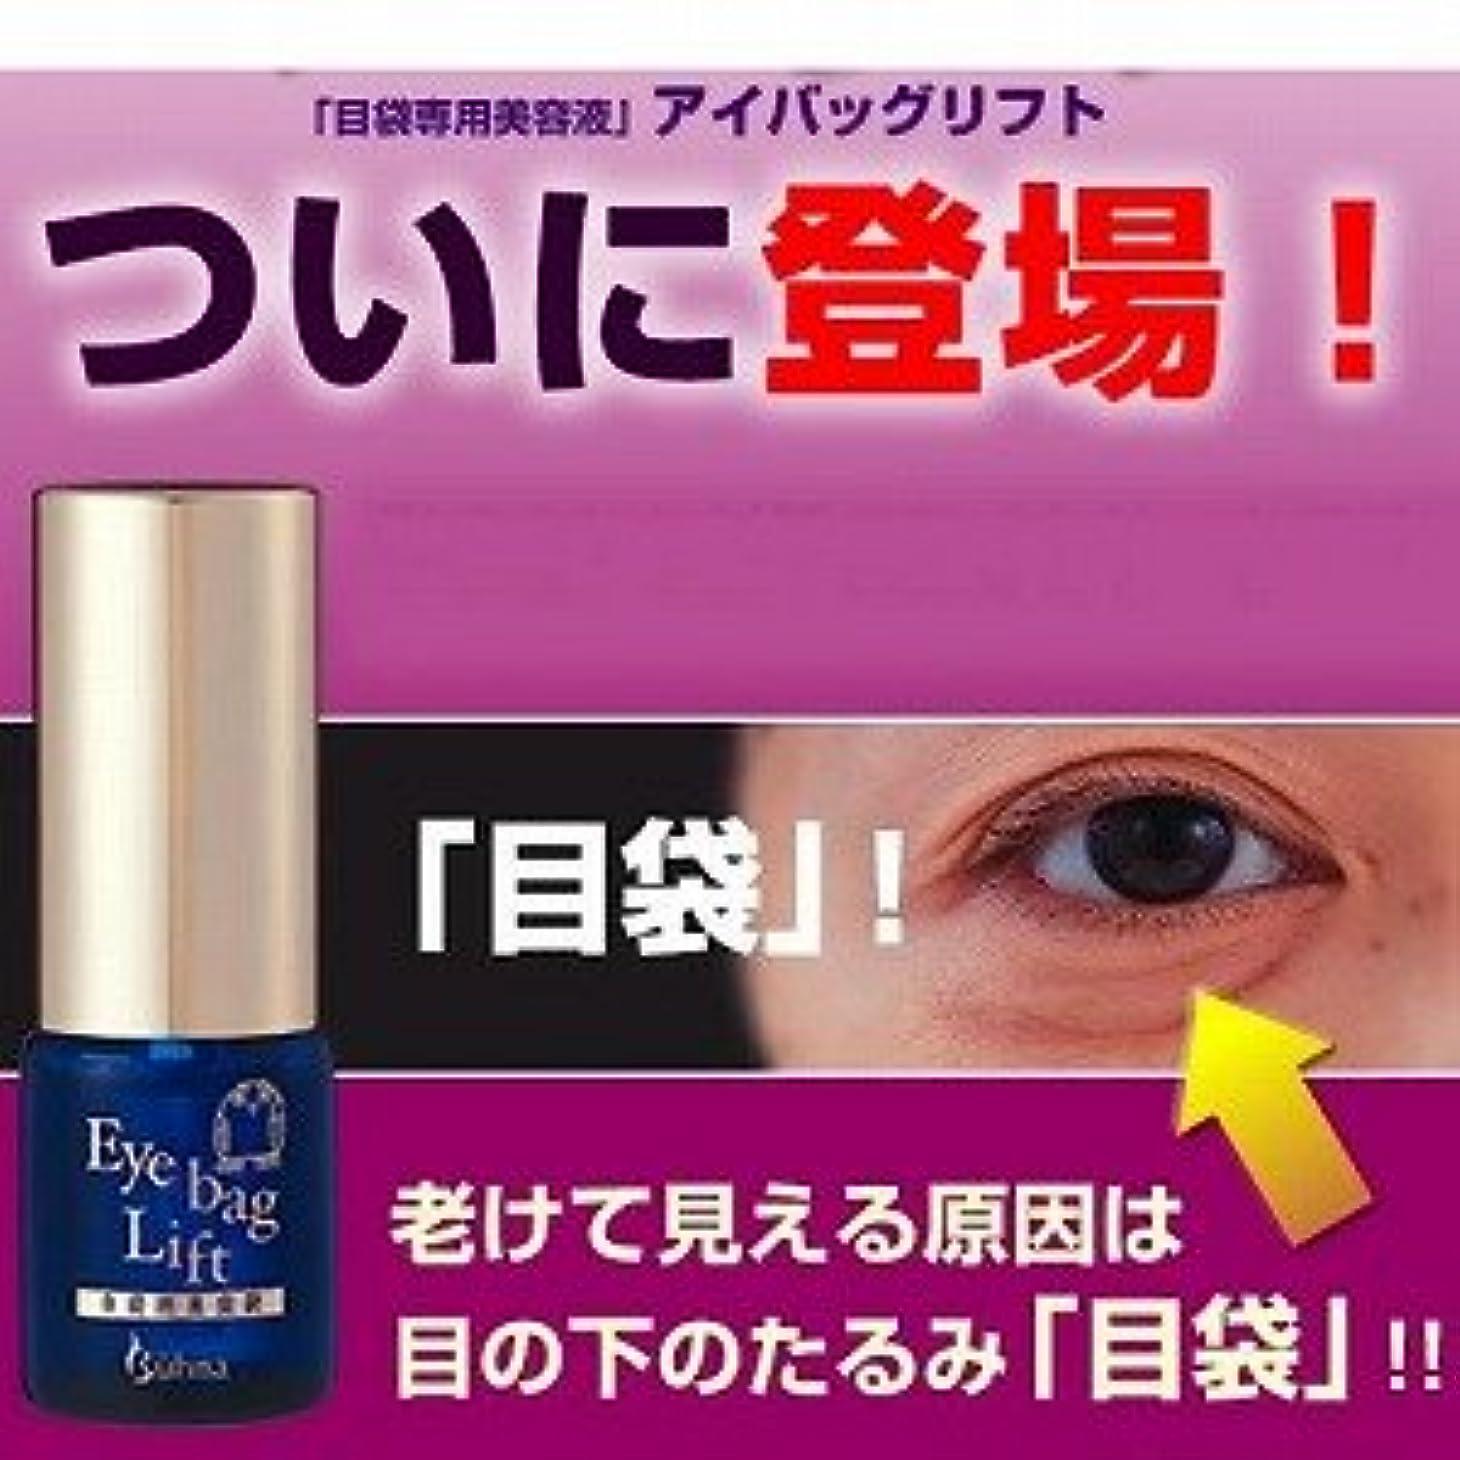 でおしゃれな形式老けて見える原因は、目元、目の下のたるみ「目袋」『目袋専用美容液 アイバッグリフト』